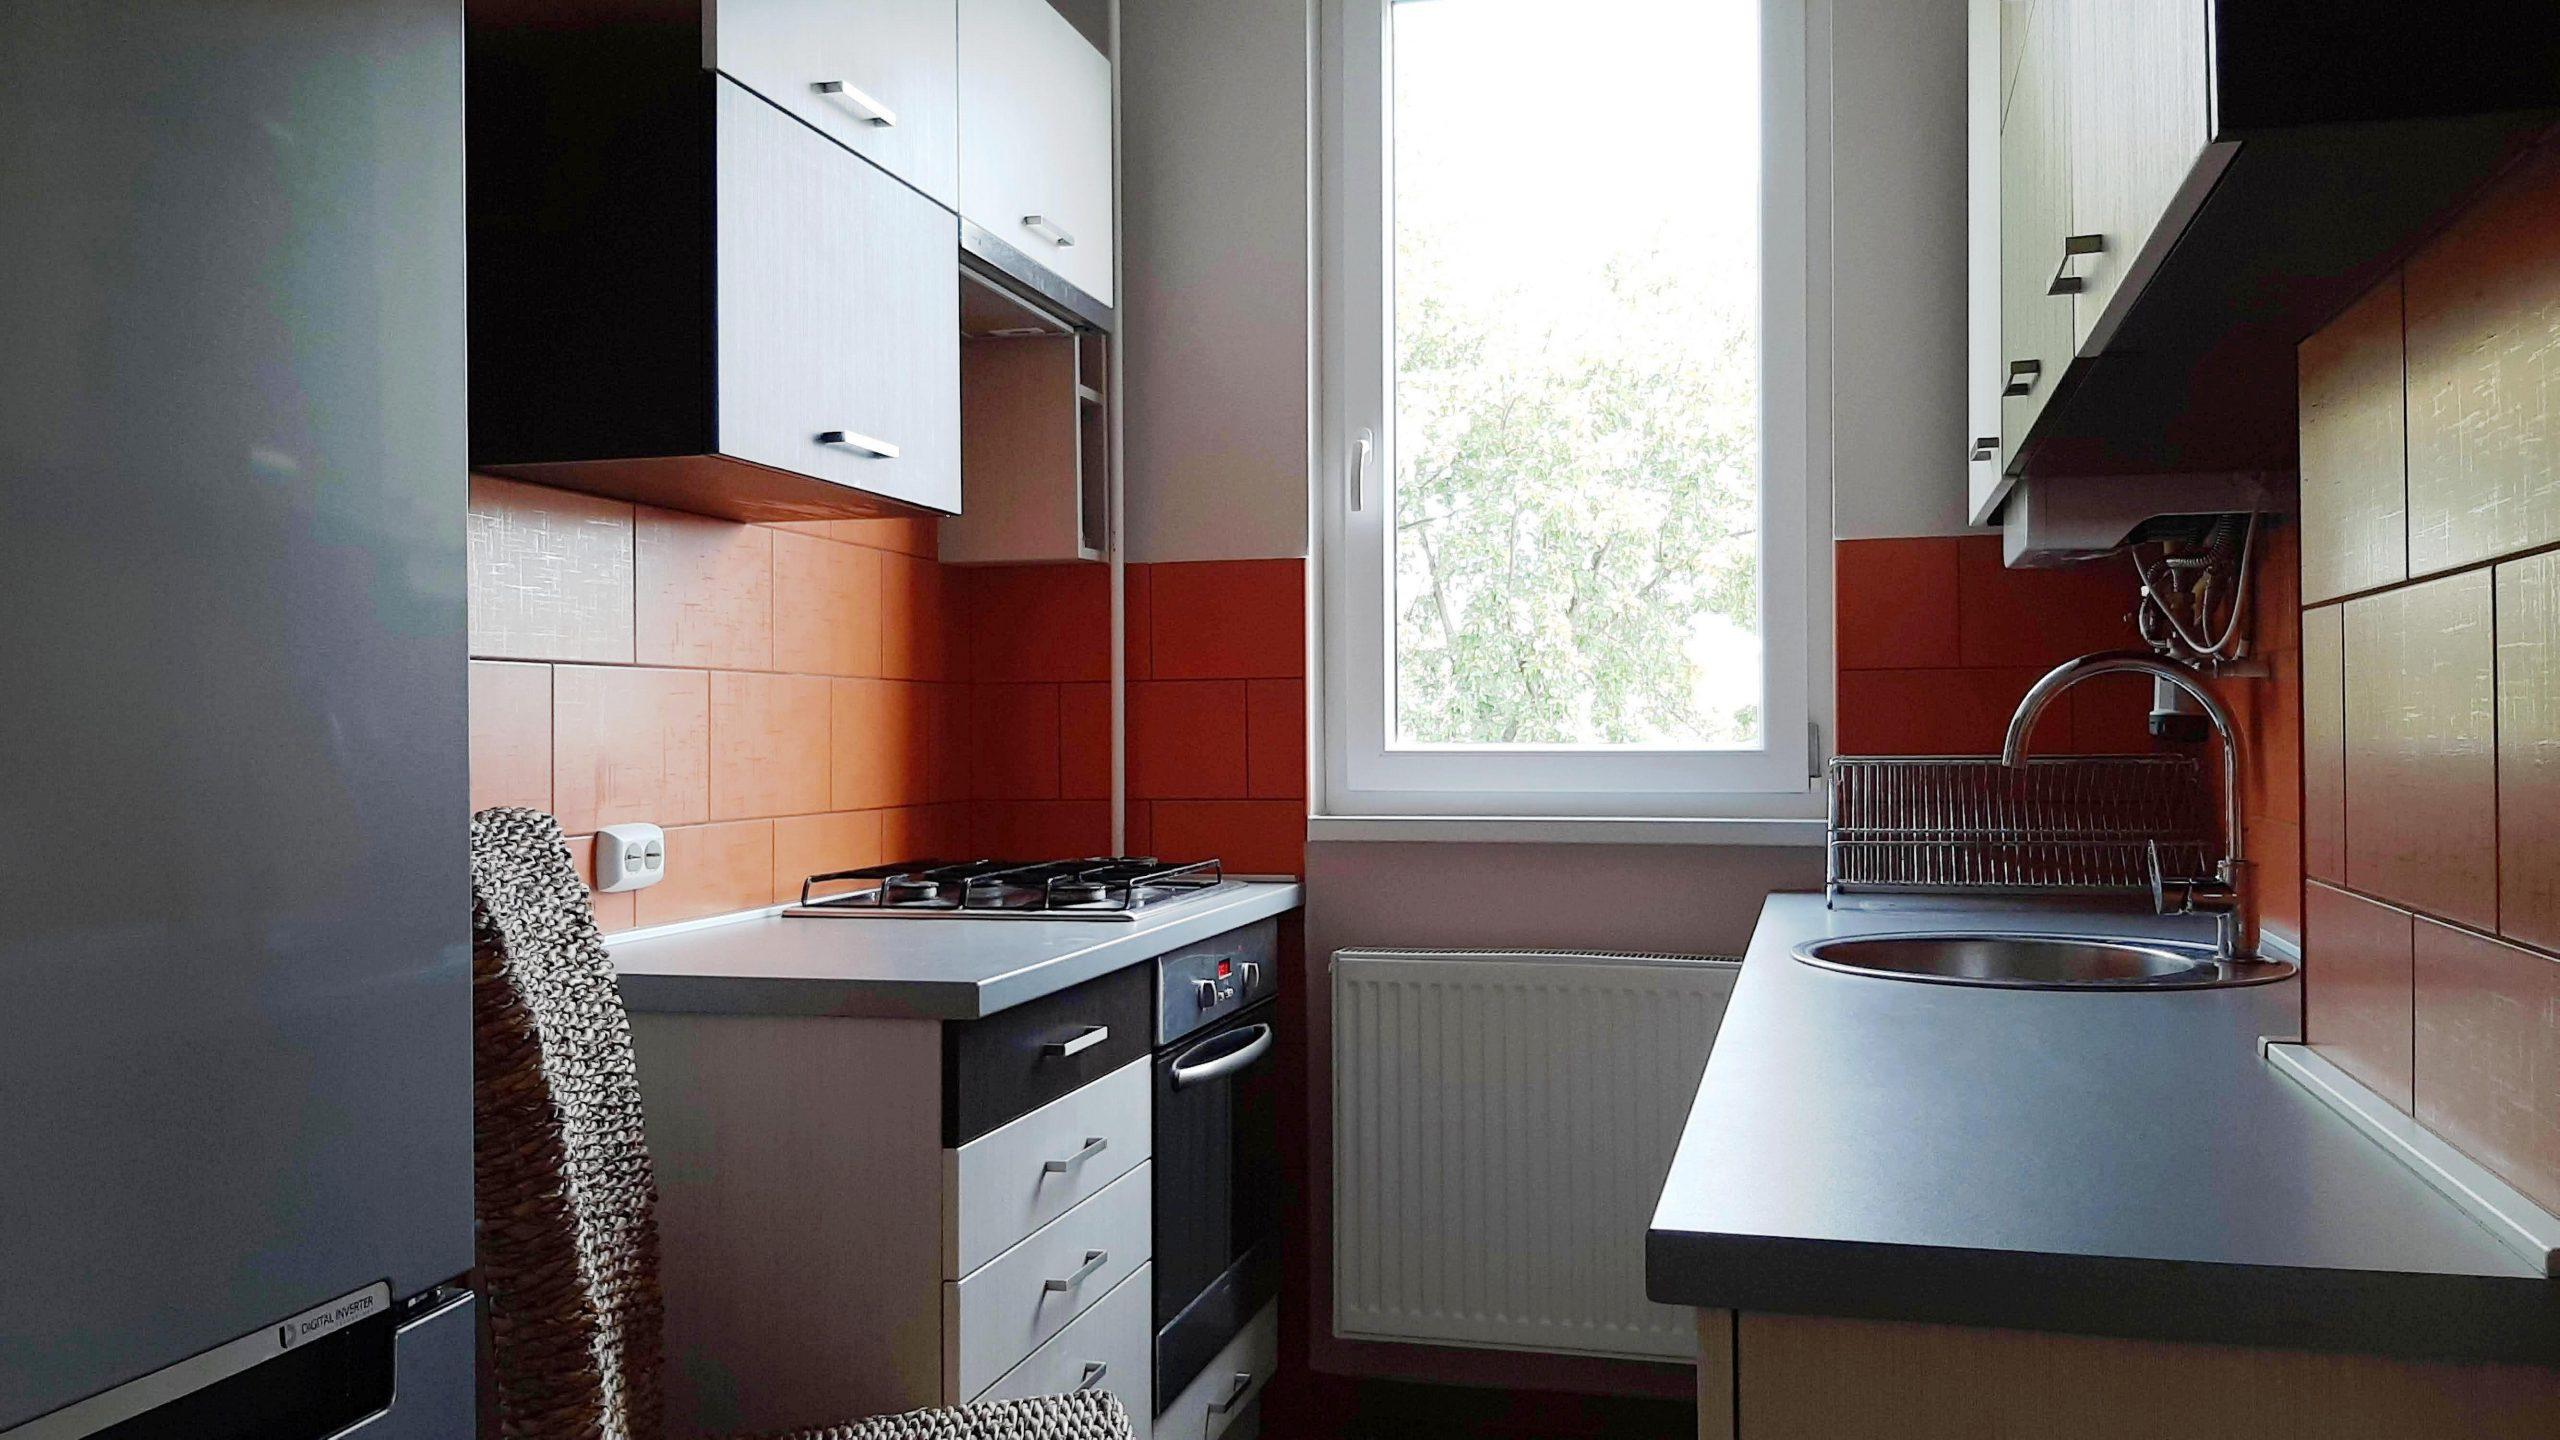 Miskolc Dél Kilián eladó 2 szobás cirkó fűtéses, tégla, full felújított igényes lakás, költözhető!